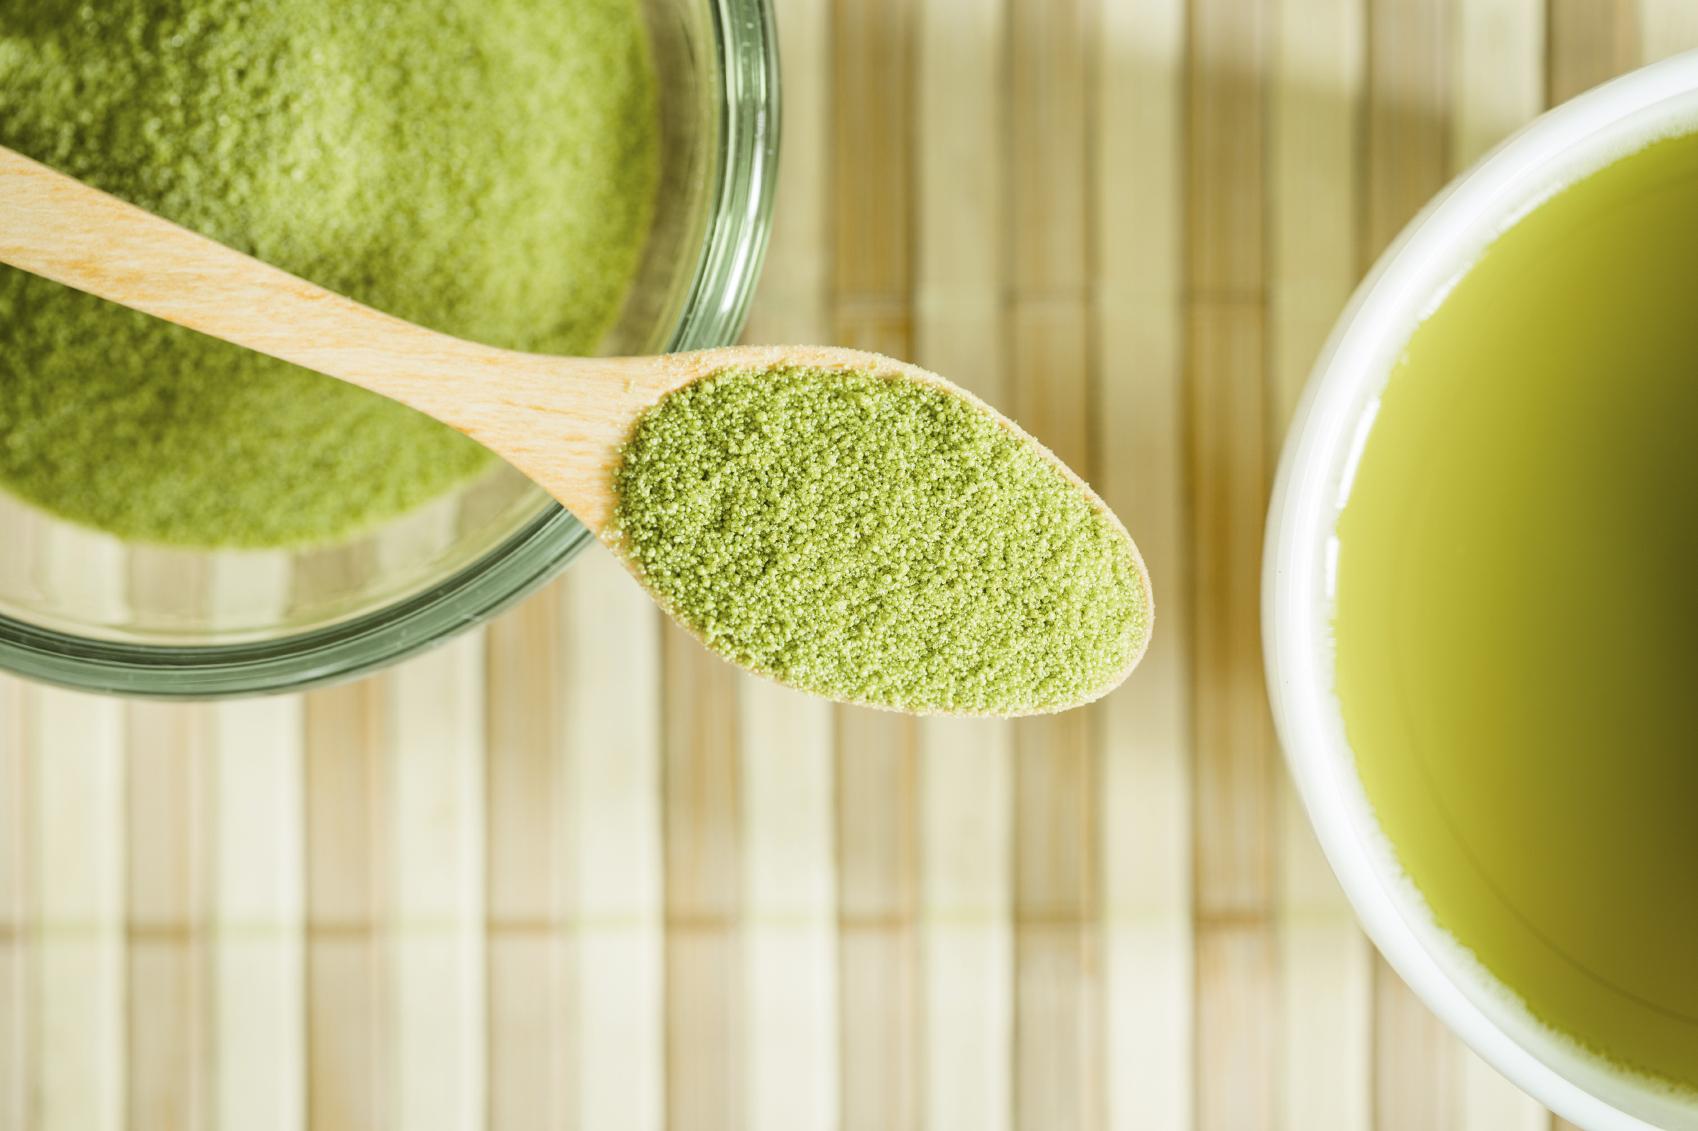 17 способов использования зеленого чая в домашней косметике